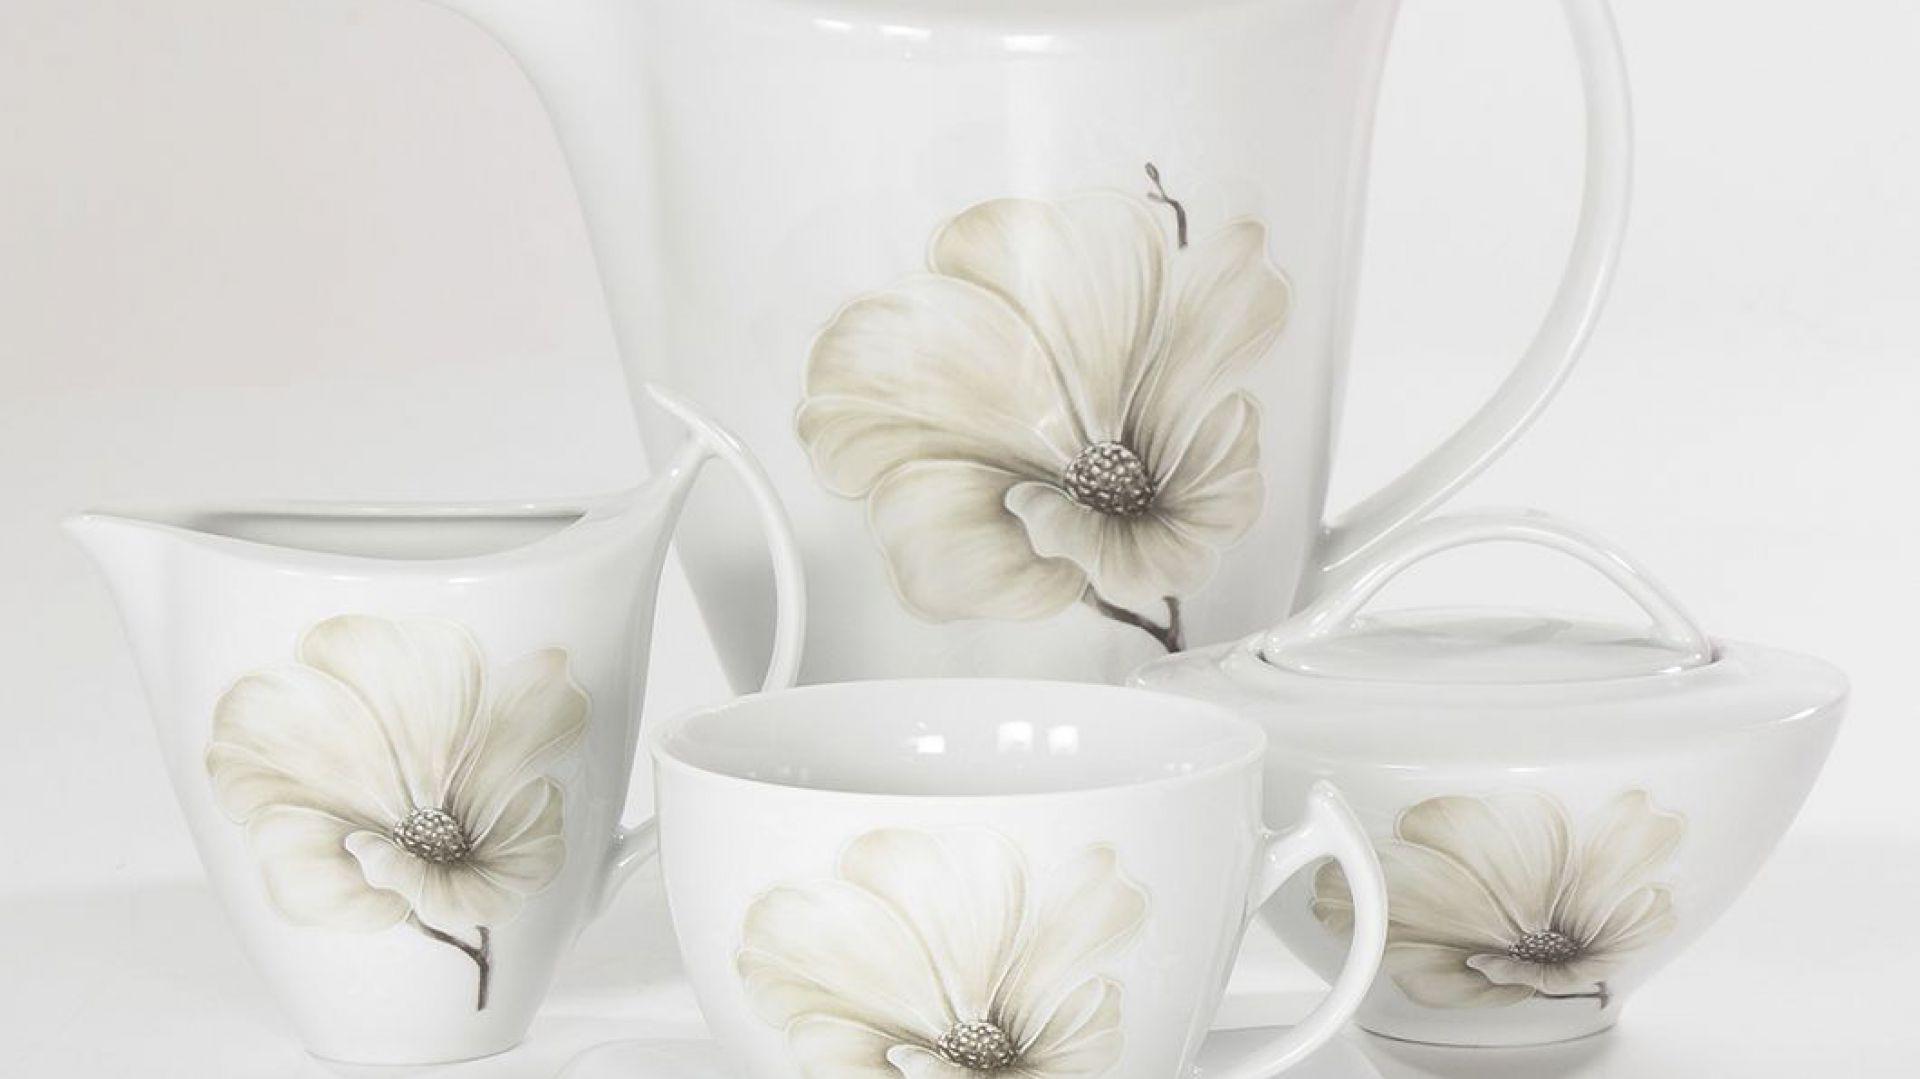 Kolekcja Magnolia. Fot. Polskie Fabryki Porcelany Ćmielów i Chodzież